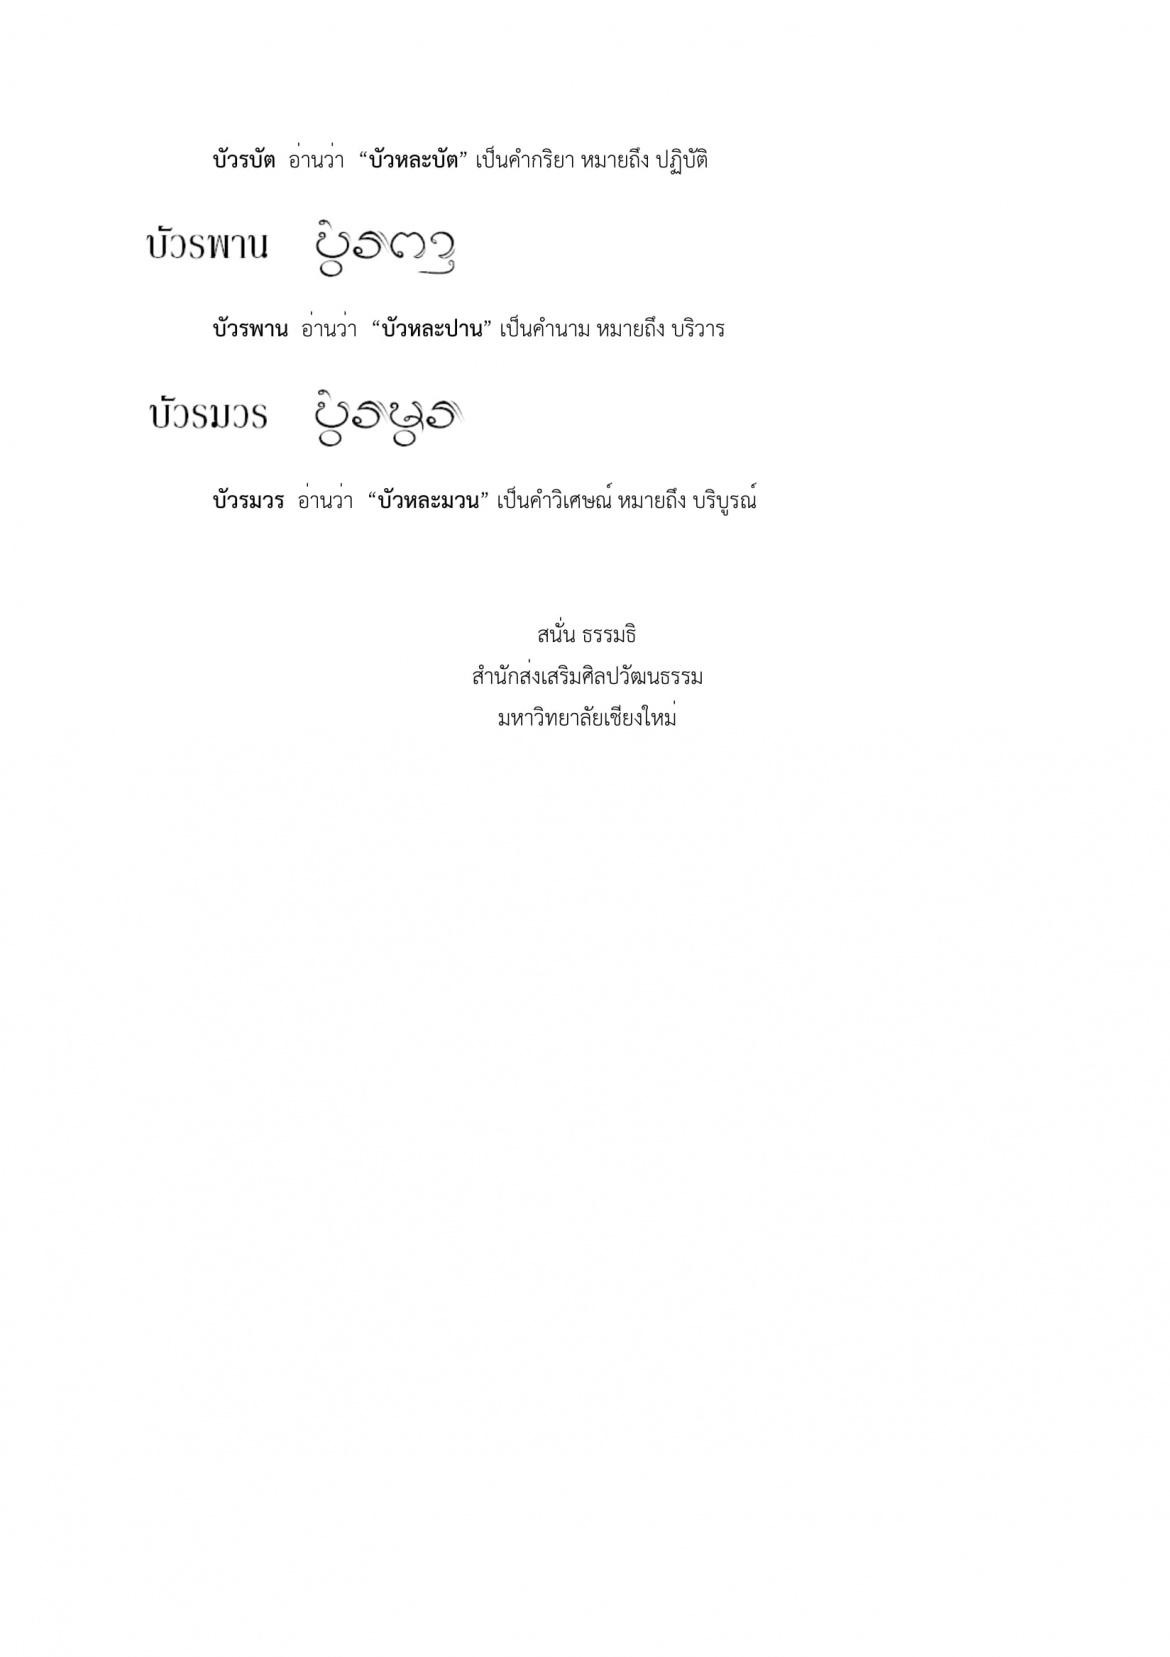 บัวทอง บัวรมวร - 30 มกราคม 2561